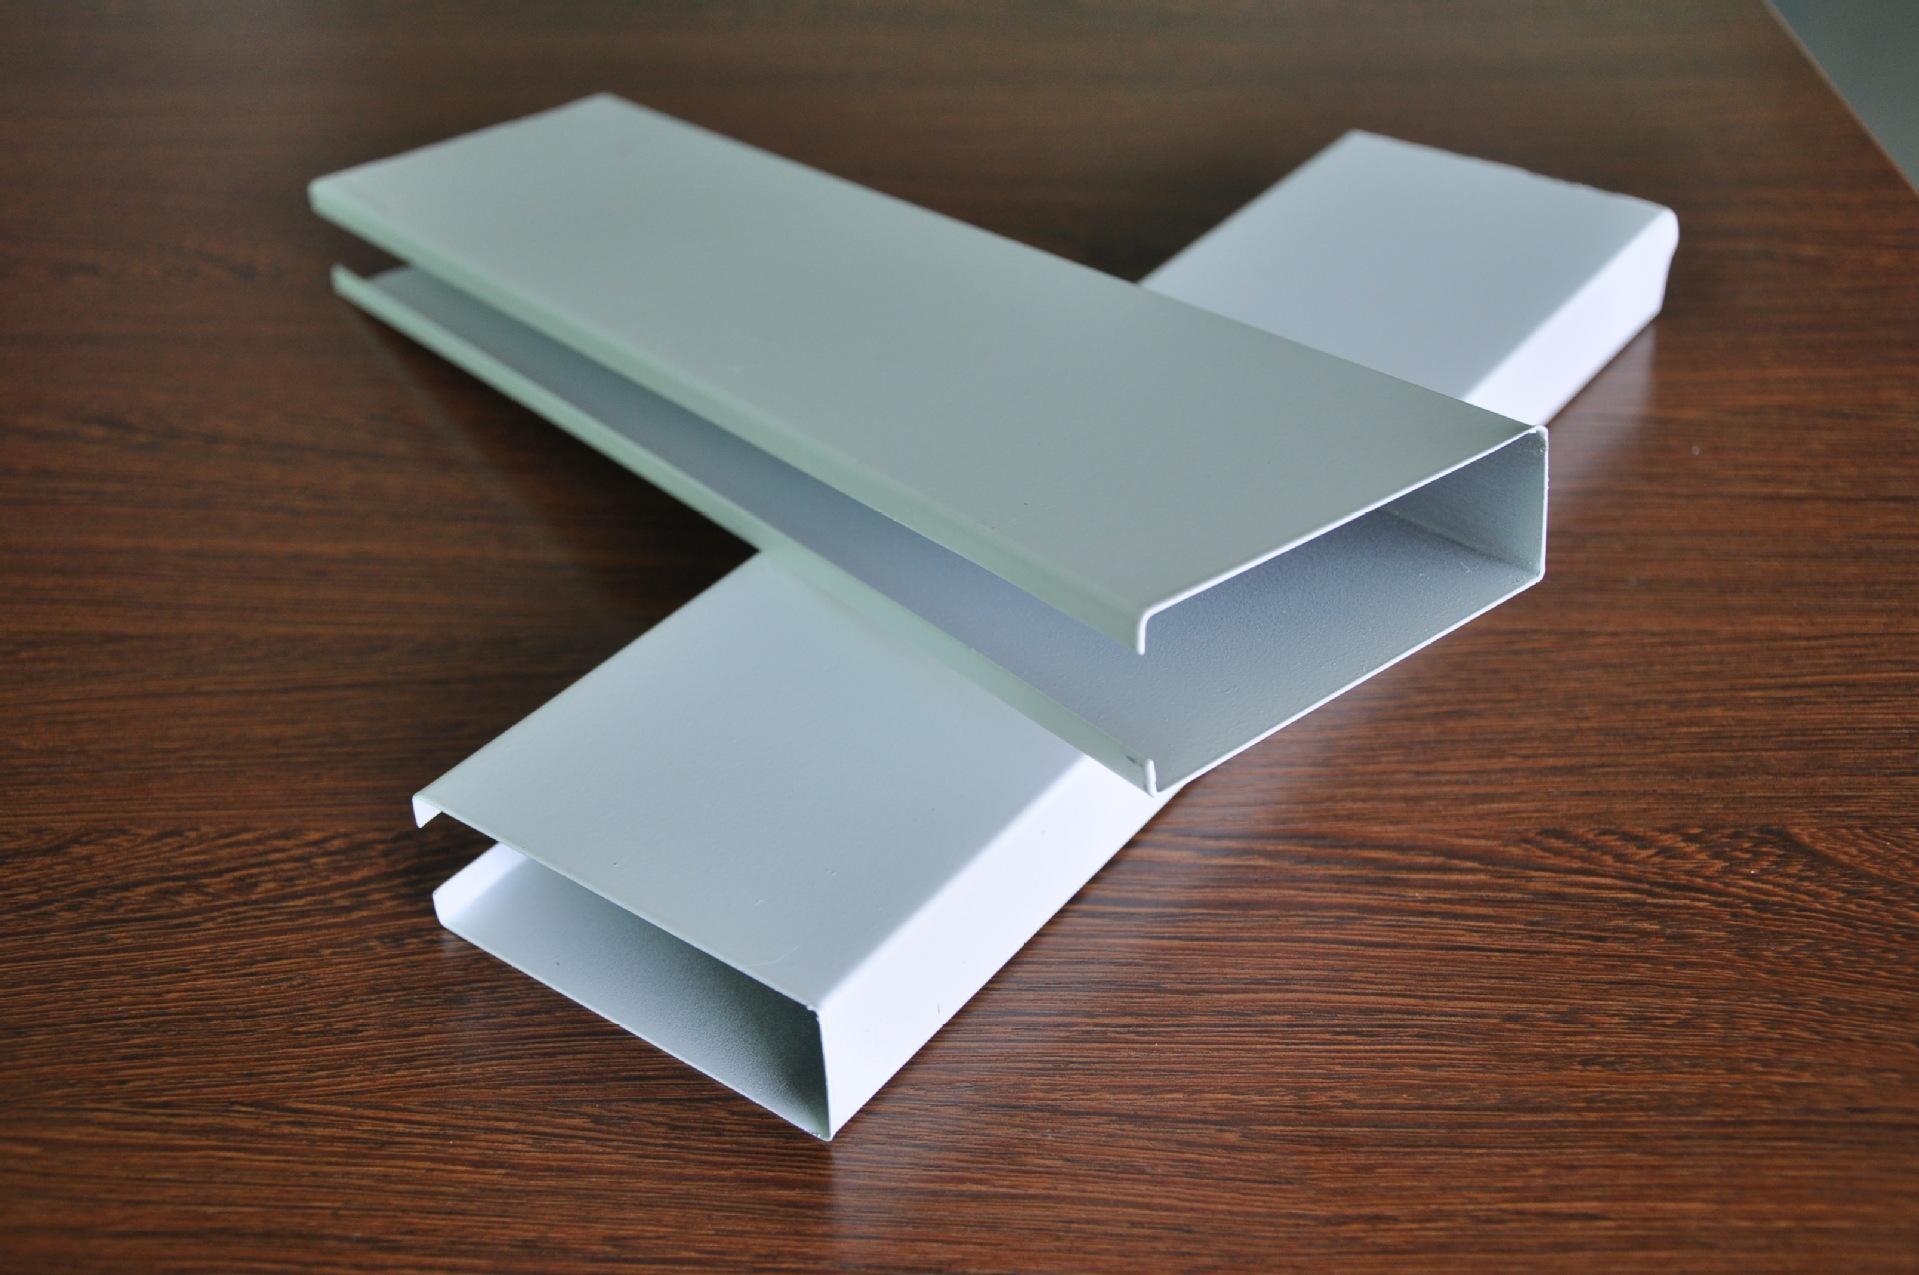 昆明铝单板厂家浅谈弧形木纹铝方通作为高档场所装饰材料的优势